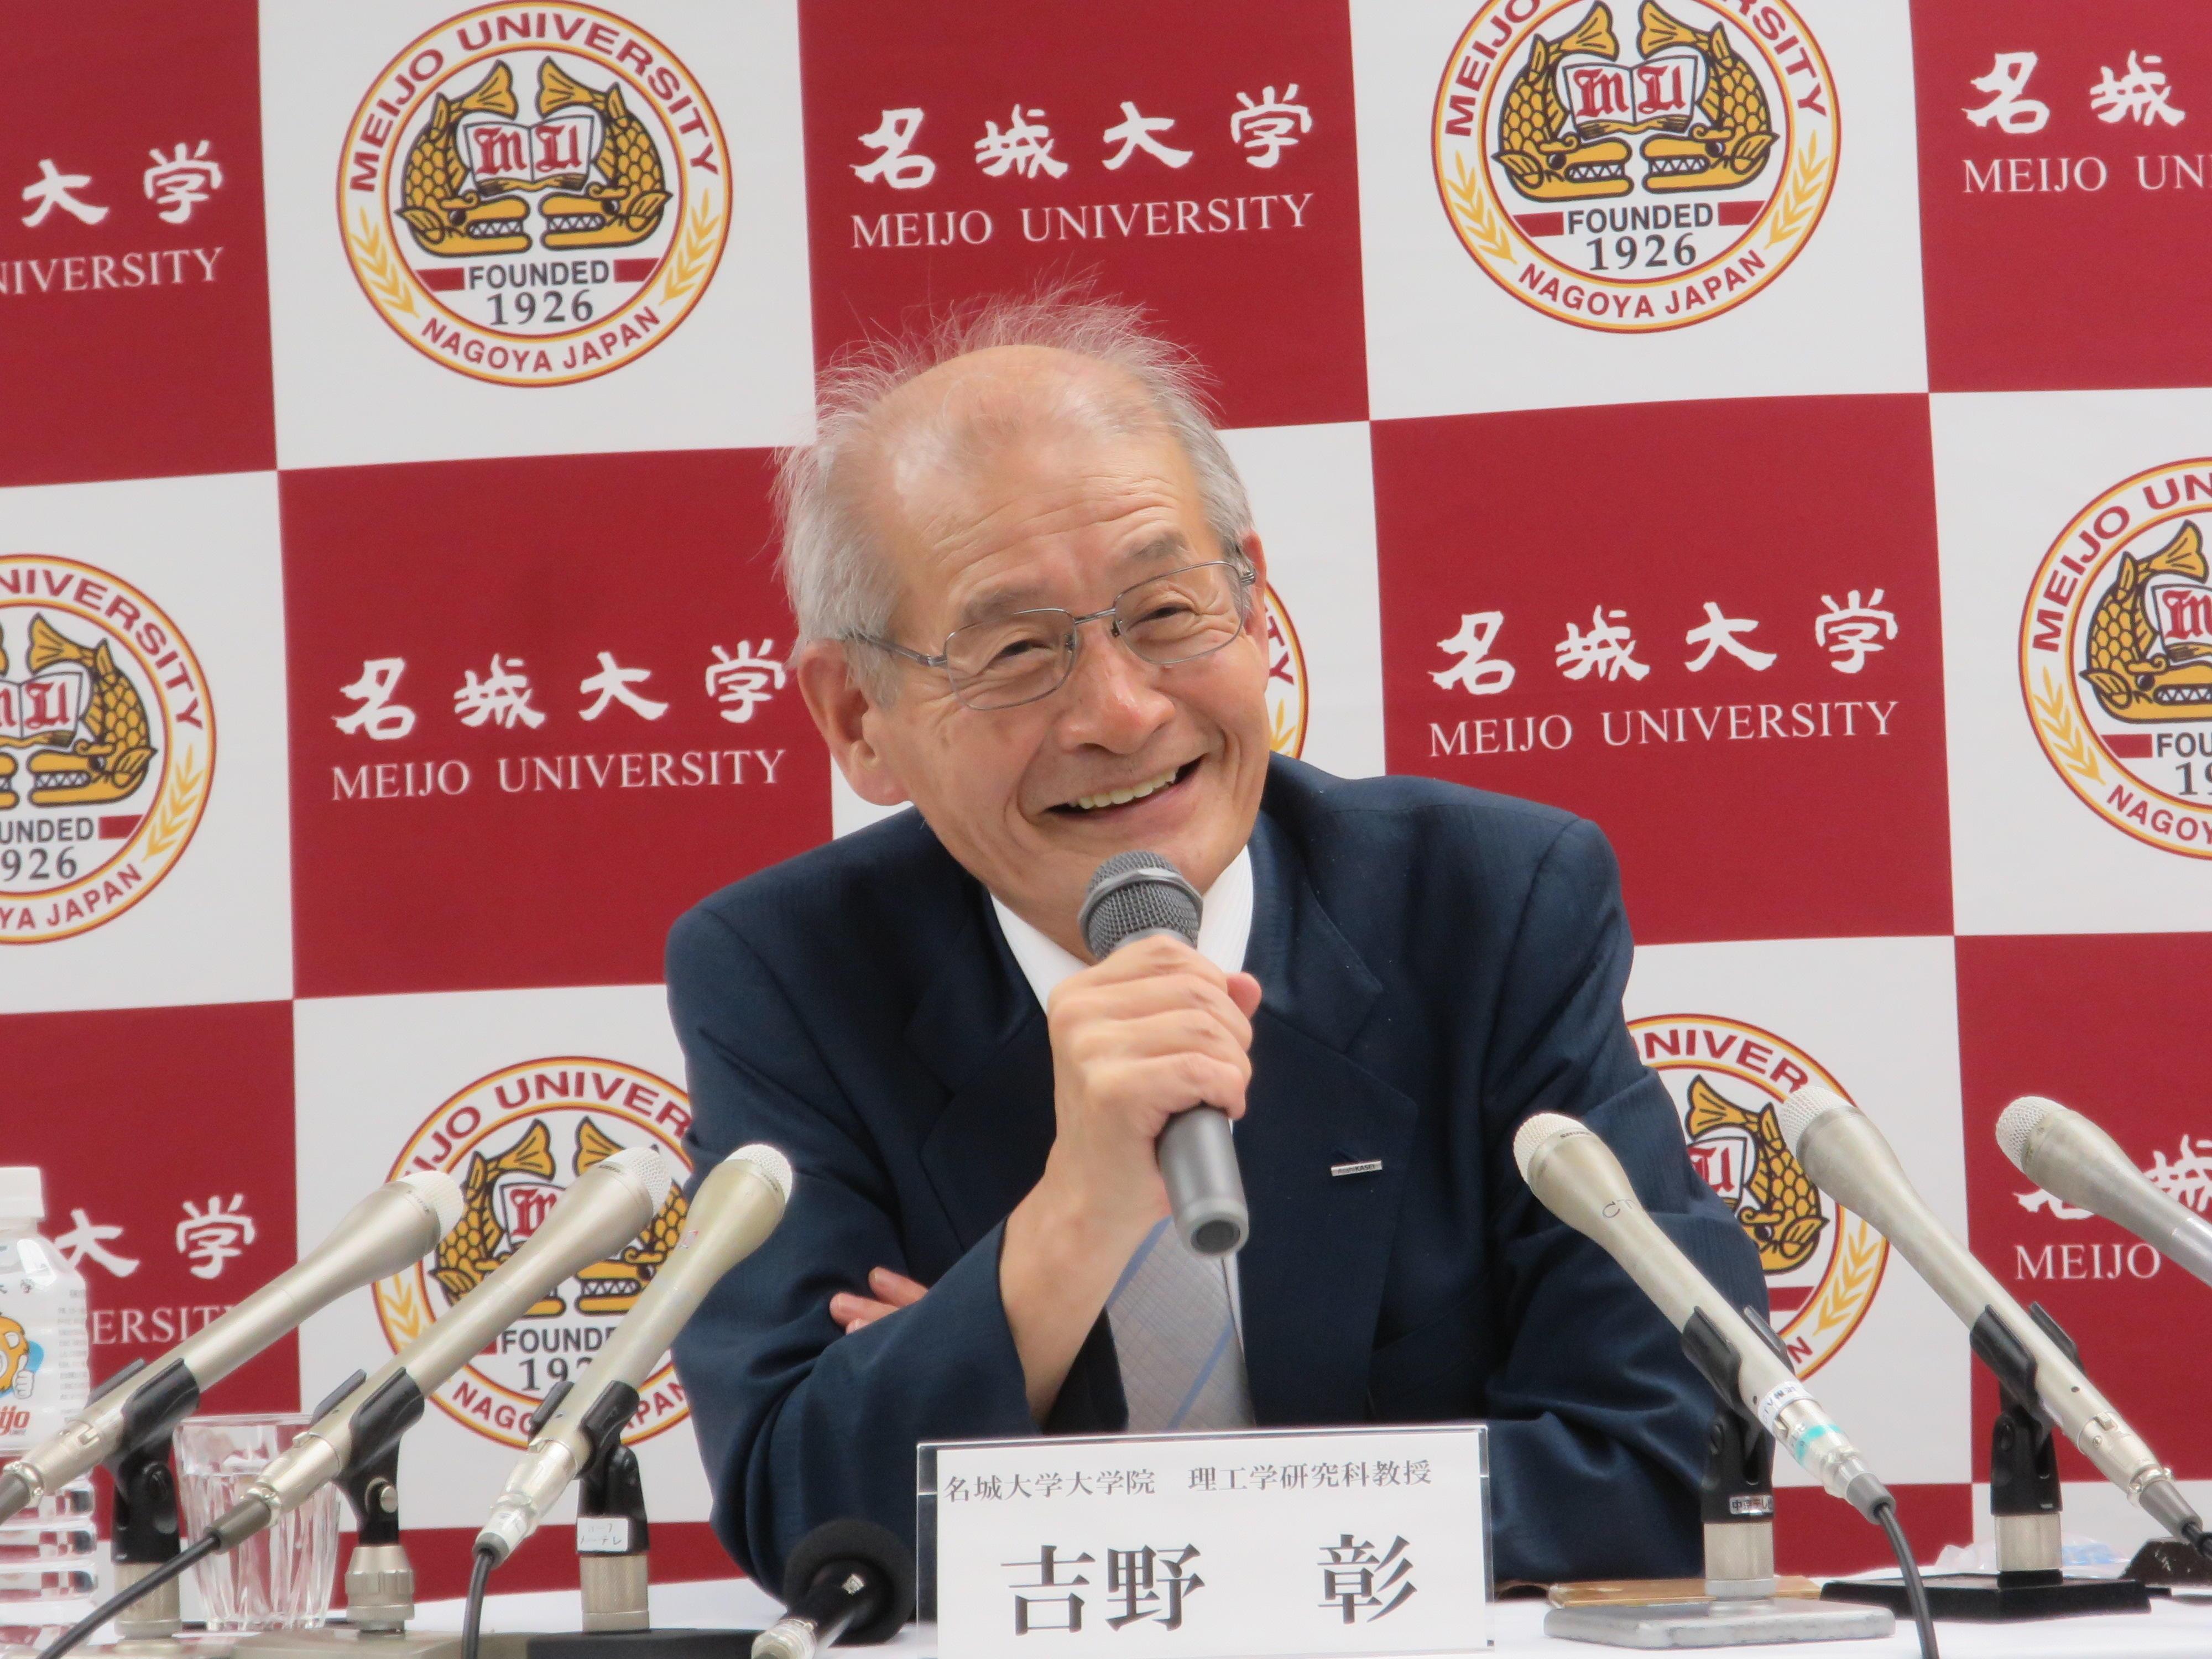 吉野彰教授